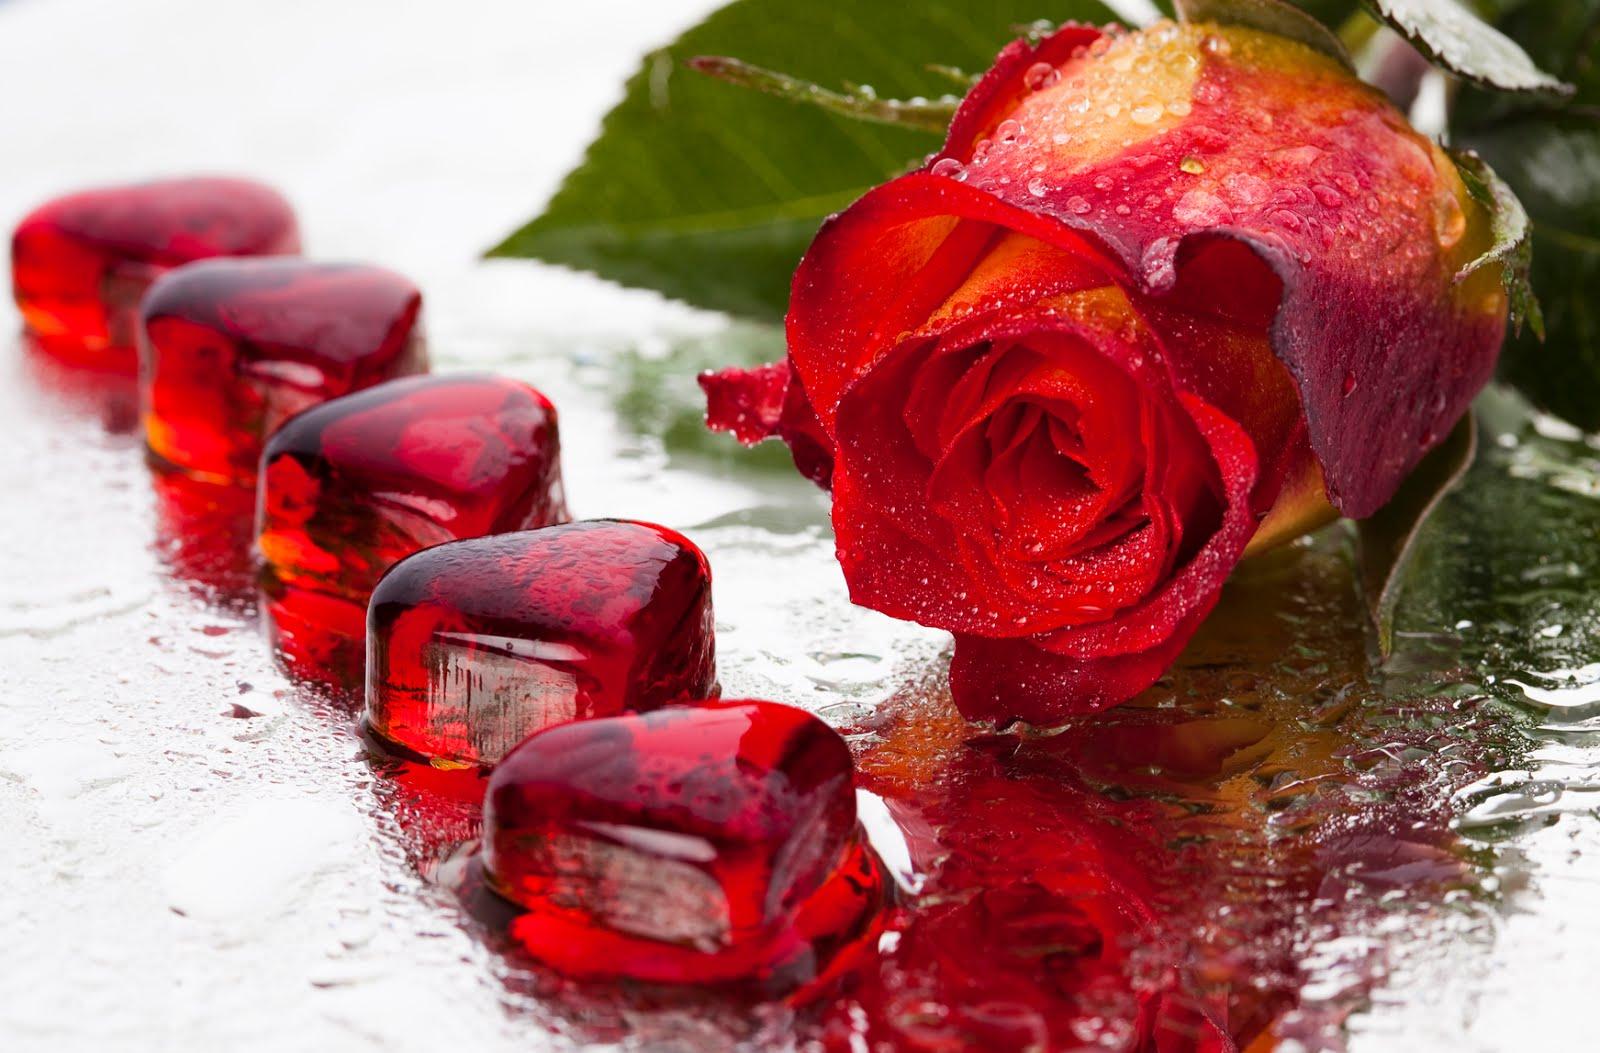 Banco de Imagenes: Imágenes de Amor para el 14 de febrero